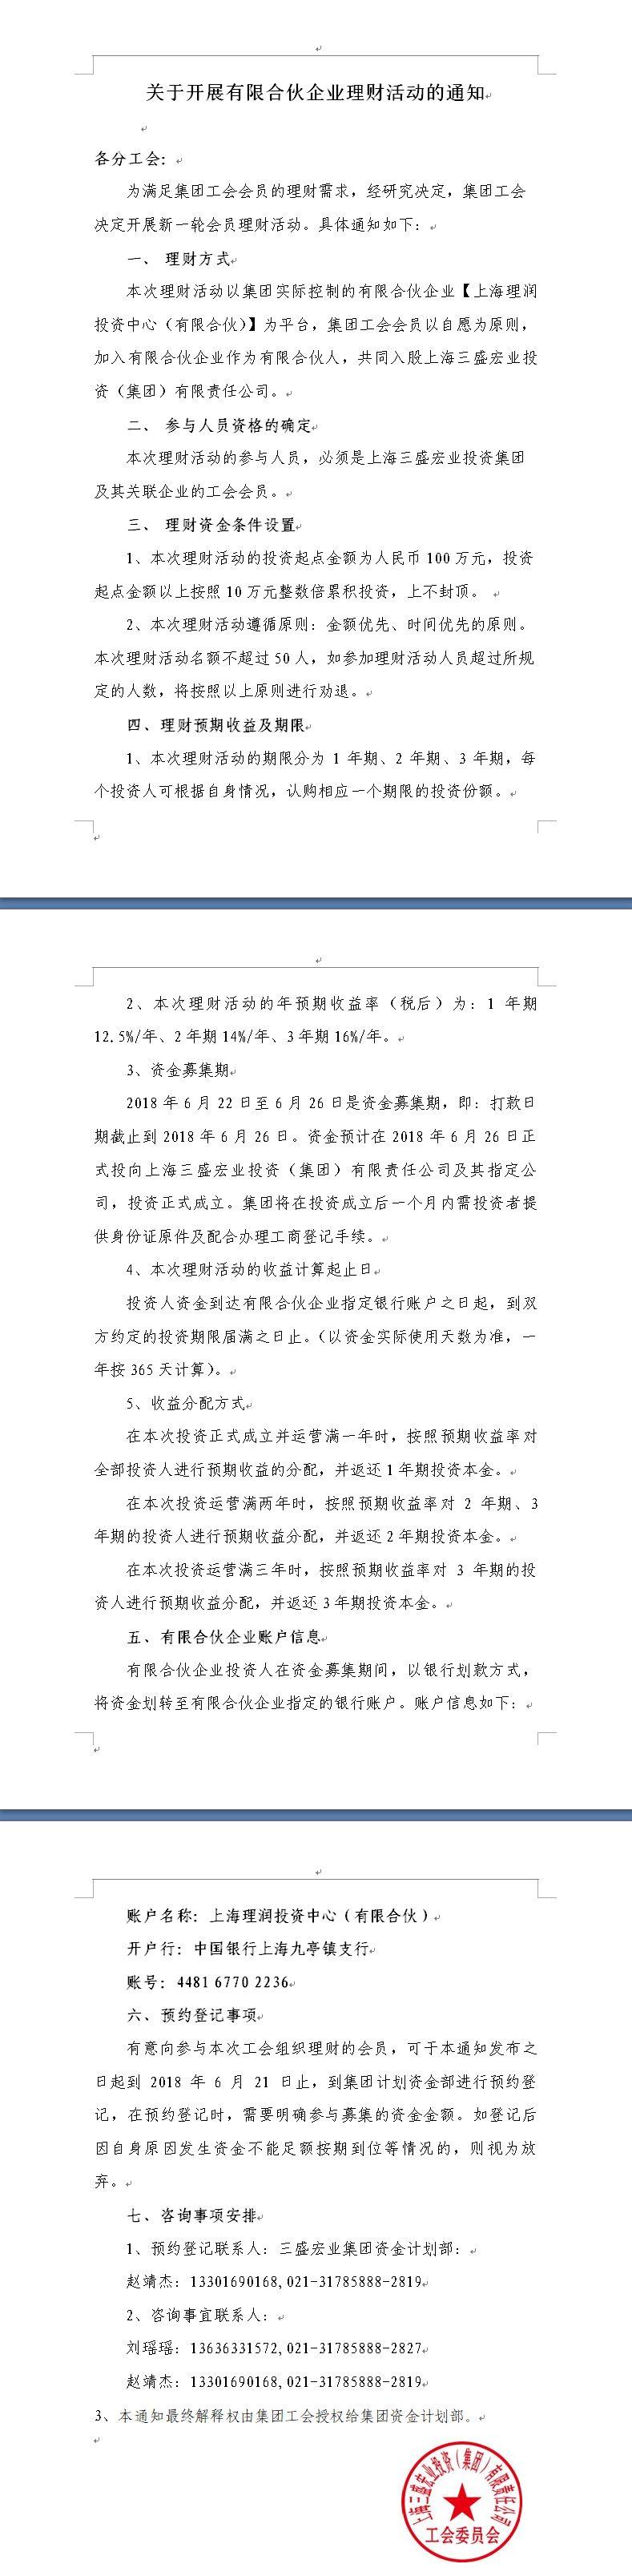 和记娱乐场存款10元起 宝格丽在上海发布了全新Cinemagia光影奇遇高级珠宝系列